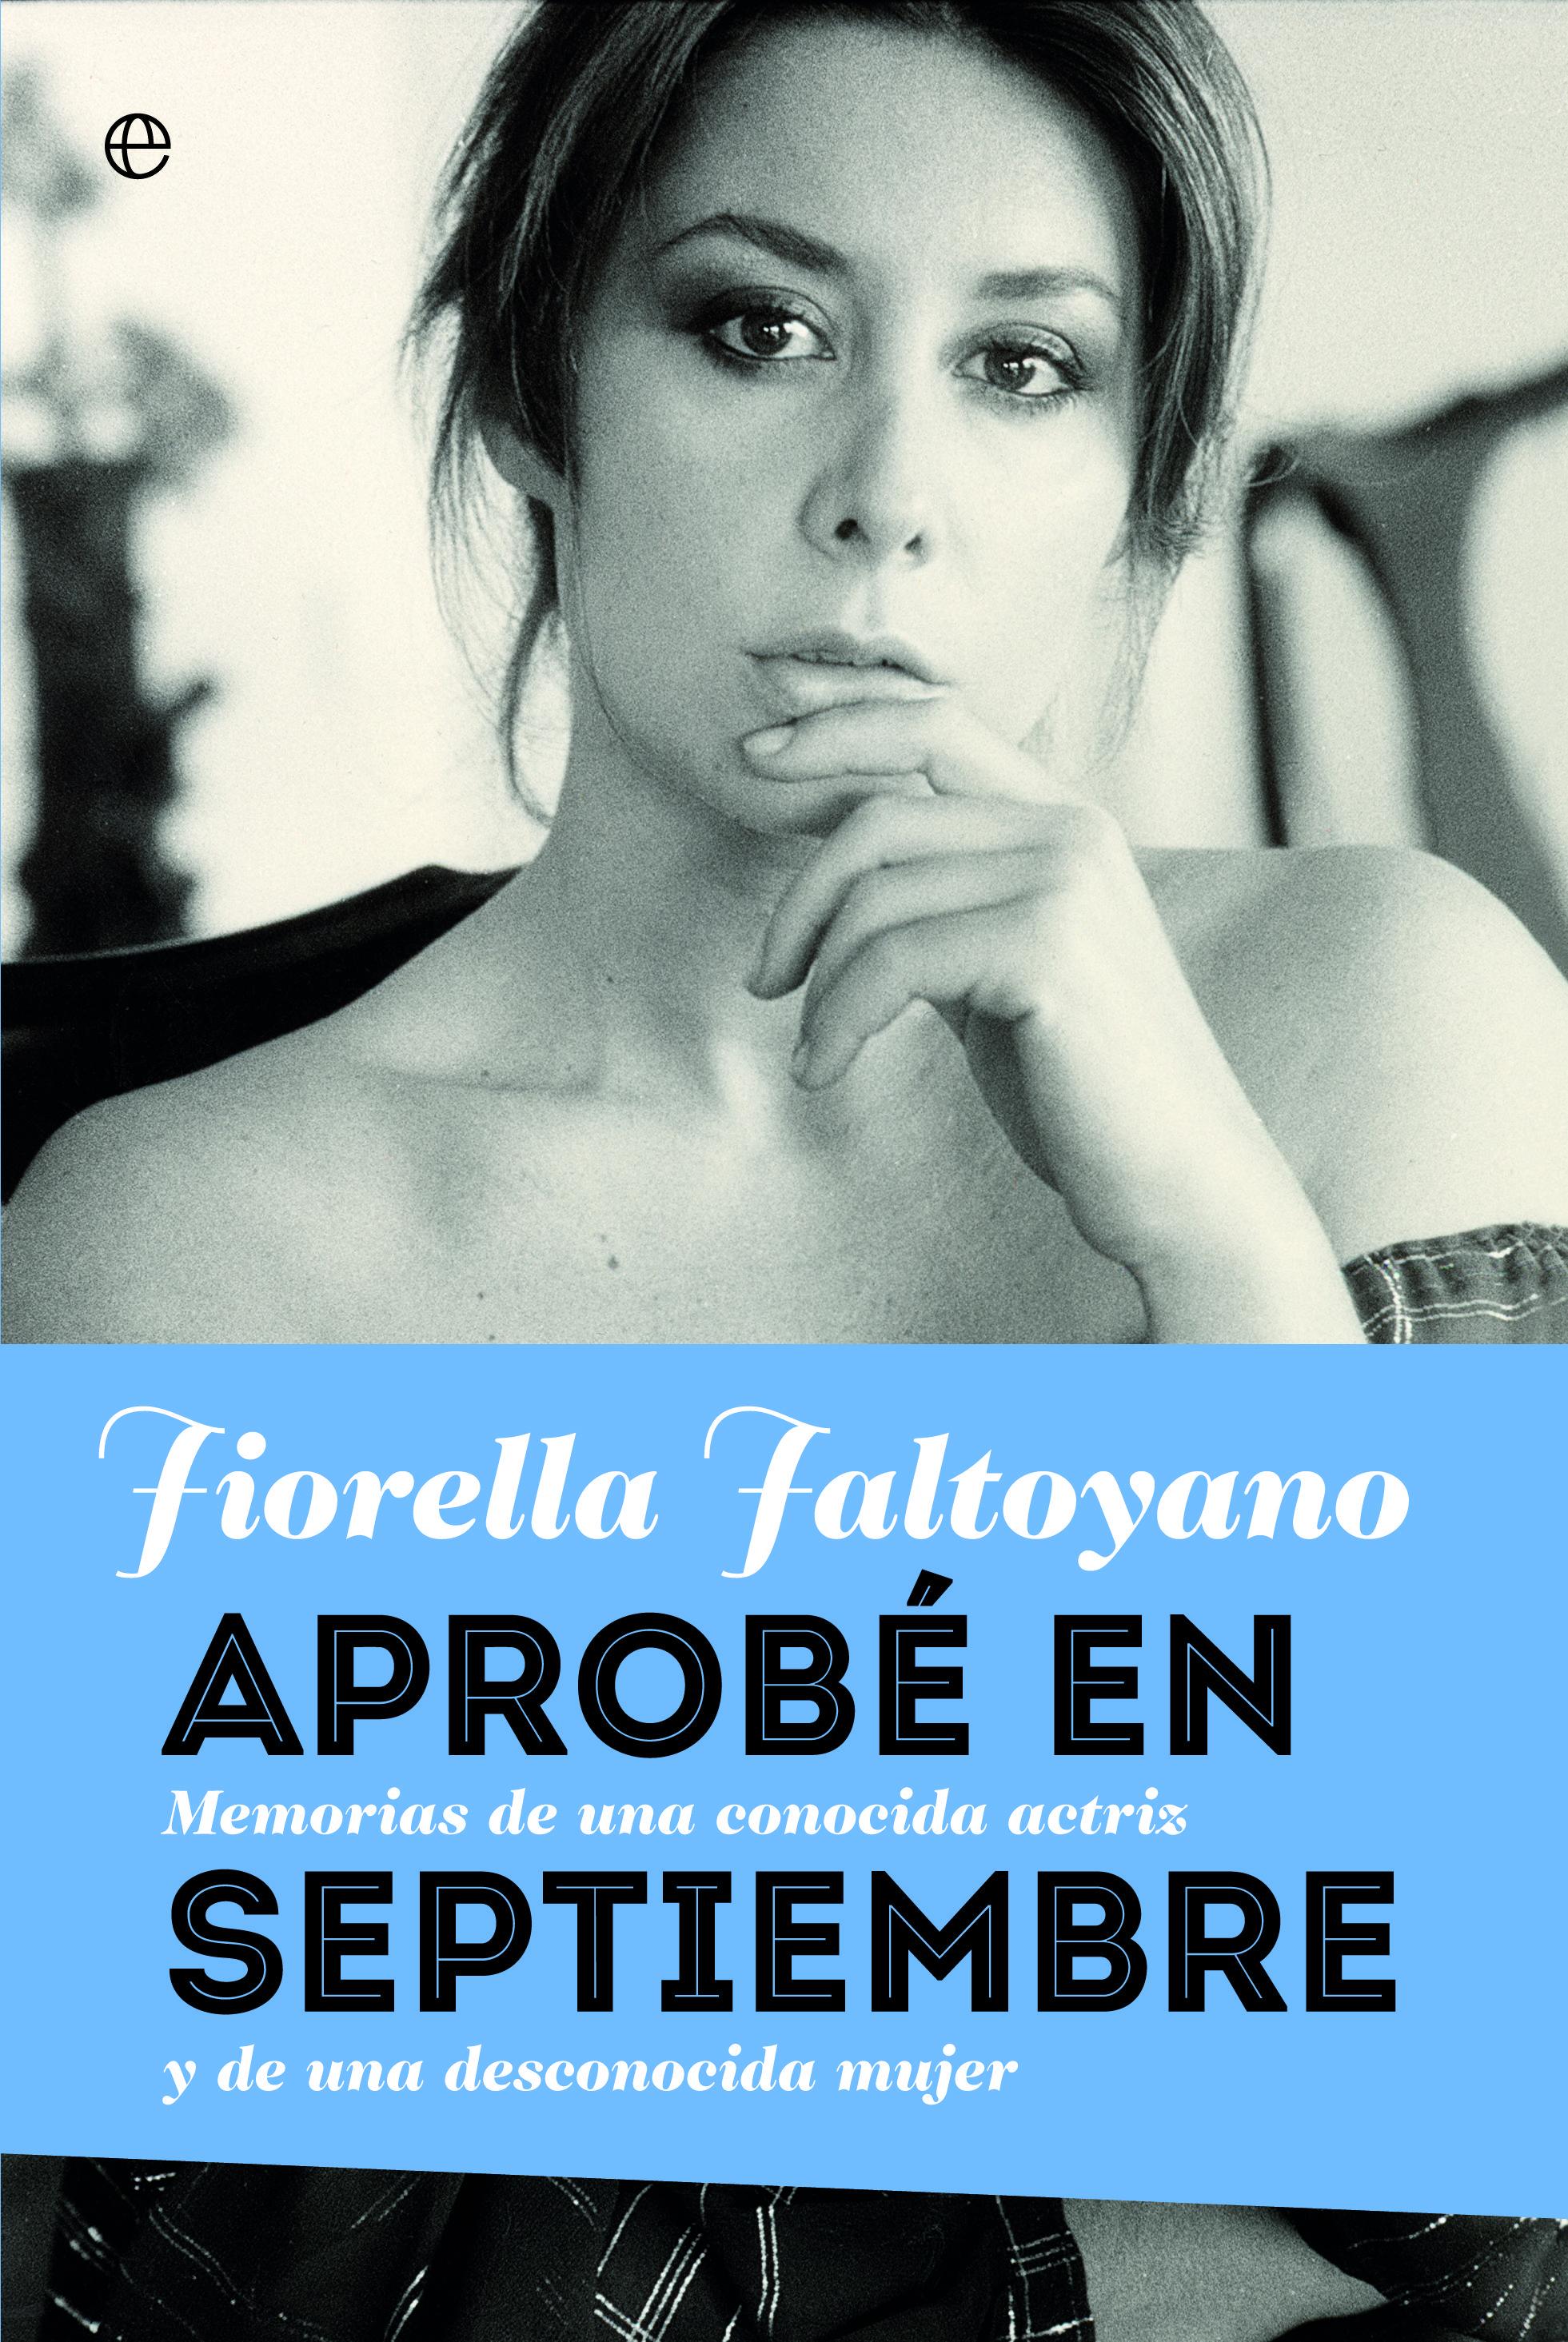 Aprobé En Septiembre   por Fiorella Faltoyano